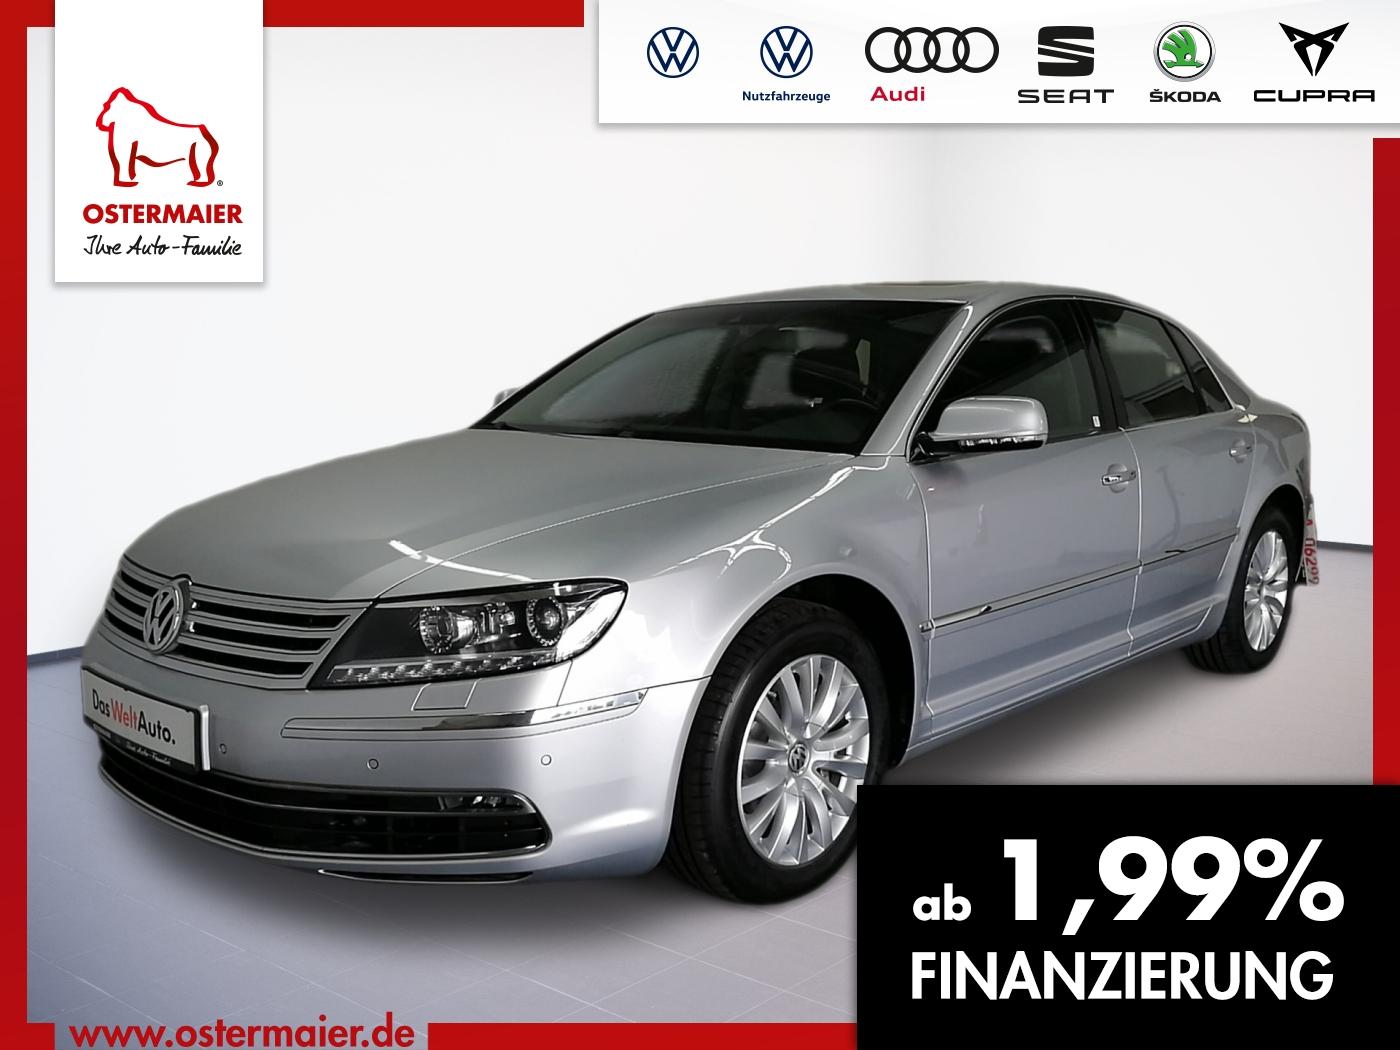 Volkswagen Phaeton 3.0TDI 245PS DSG 4M NAVI.SHZ.LUFT.PDC.DA, Jahr 2015, Diesel